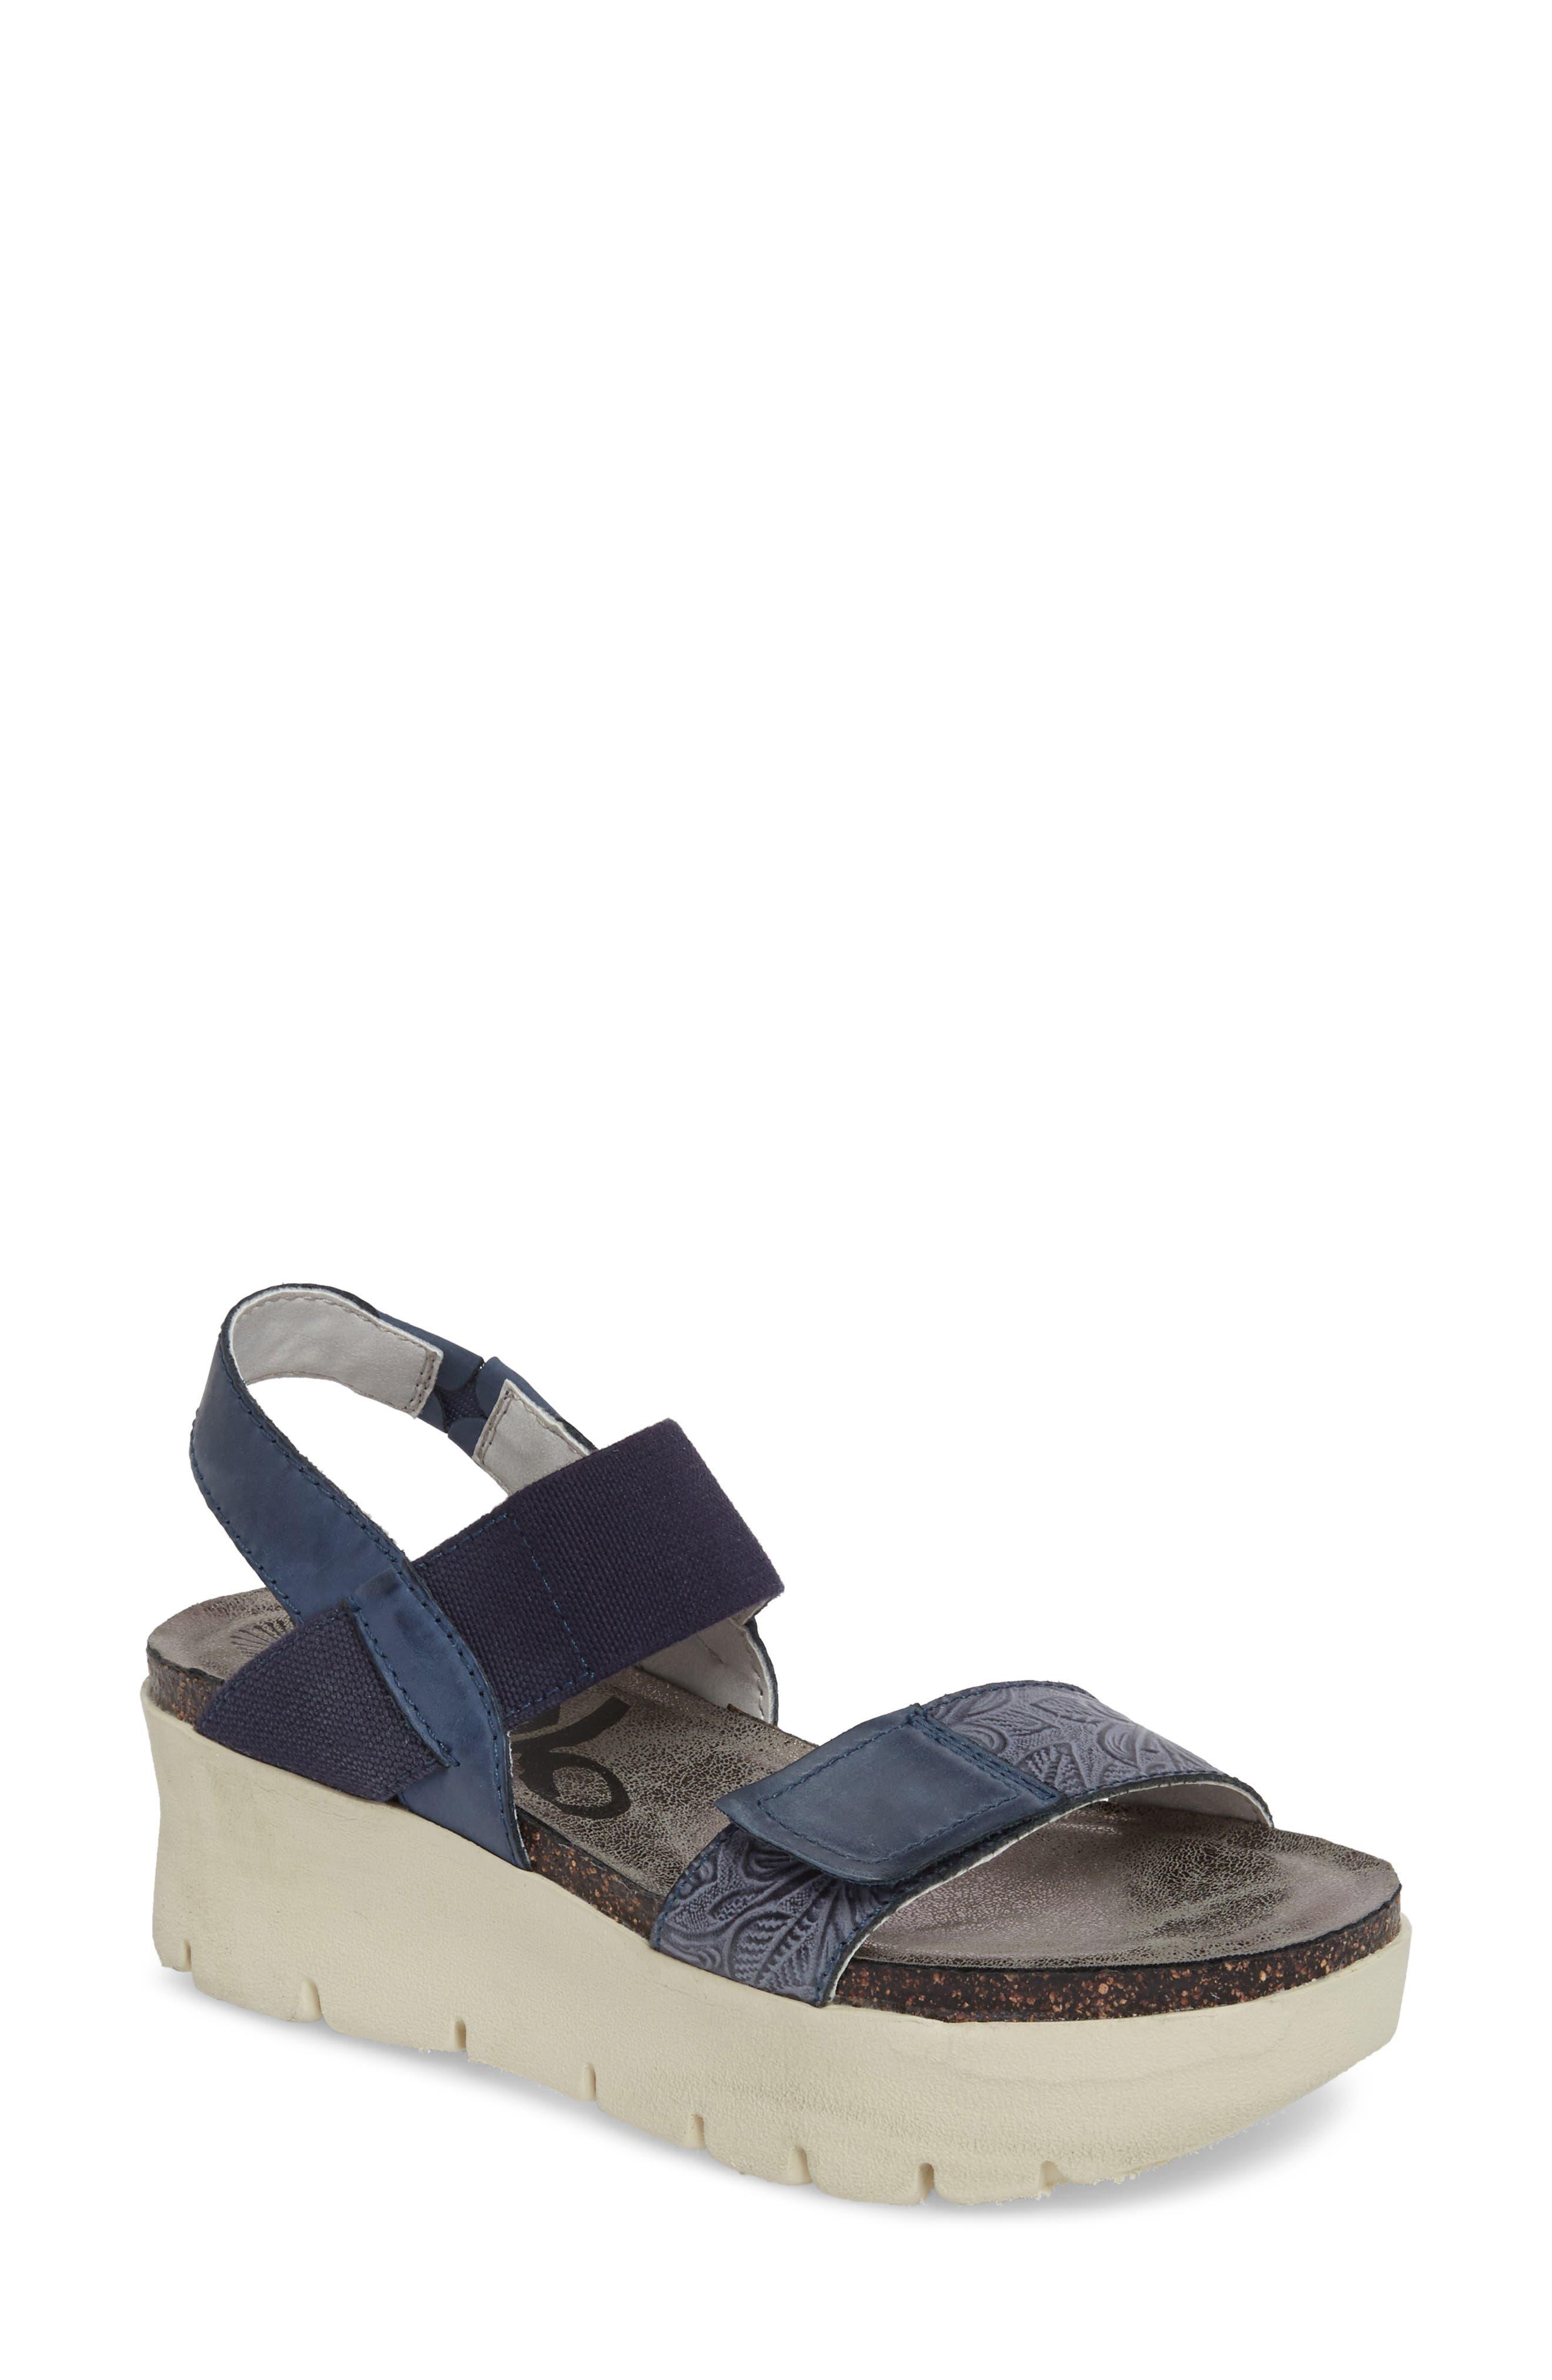 Nova Platform Sandal,                         Main,                         color, Navy Leather